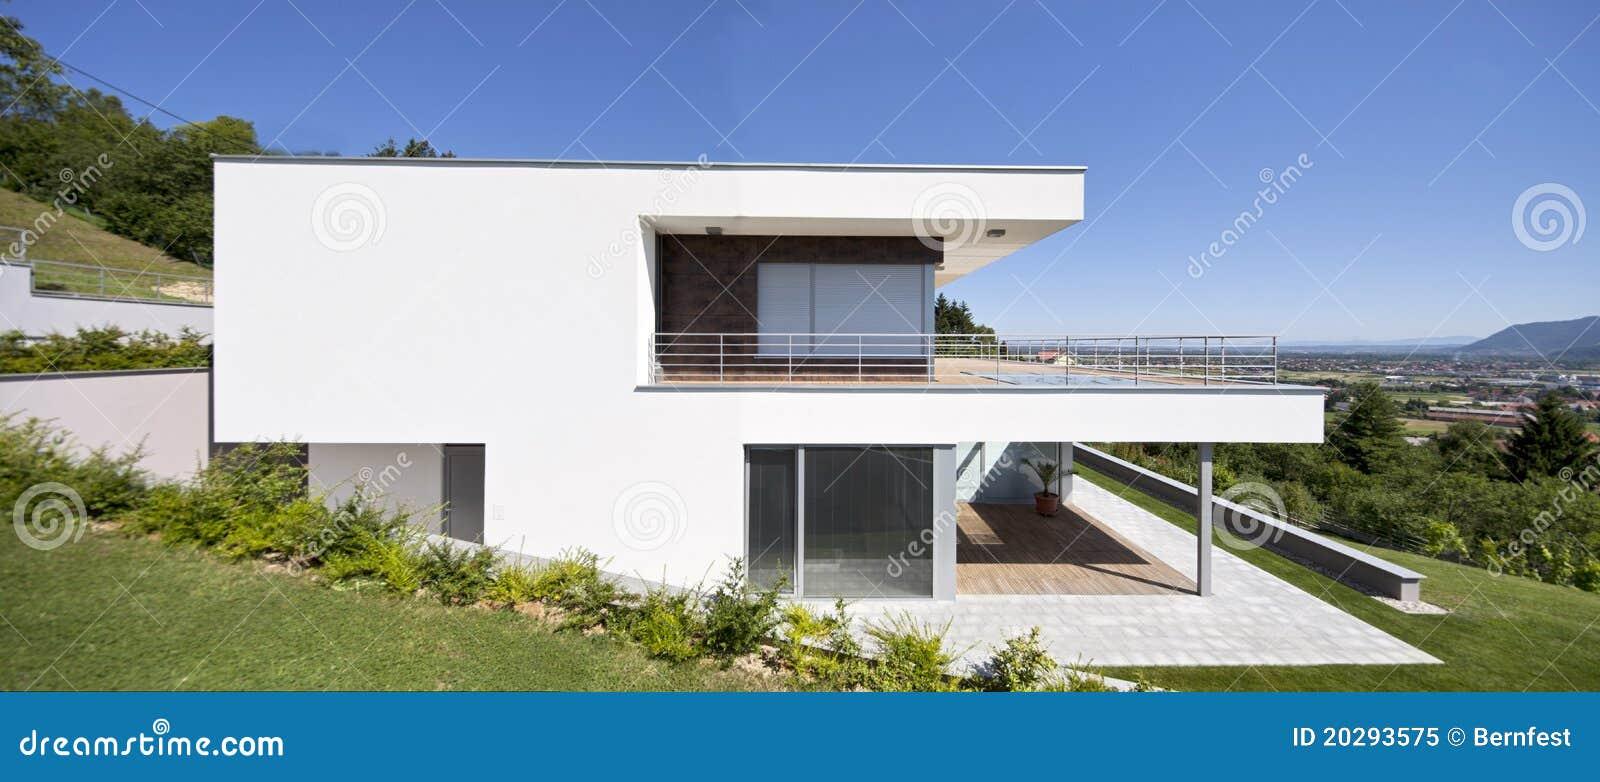 Belle maison moderne photo libre de droits image 20293575 - Belle maison moderne ...